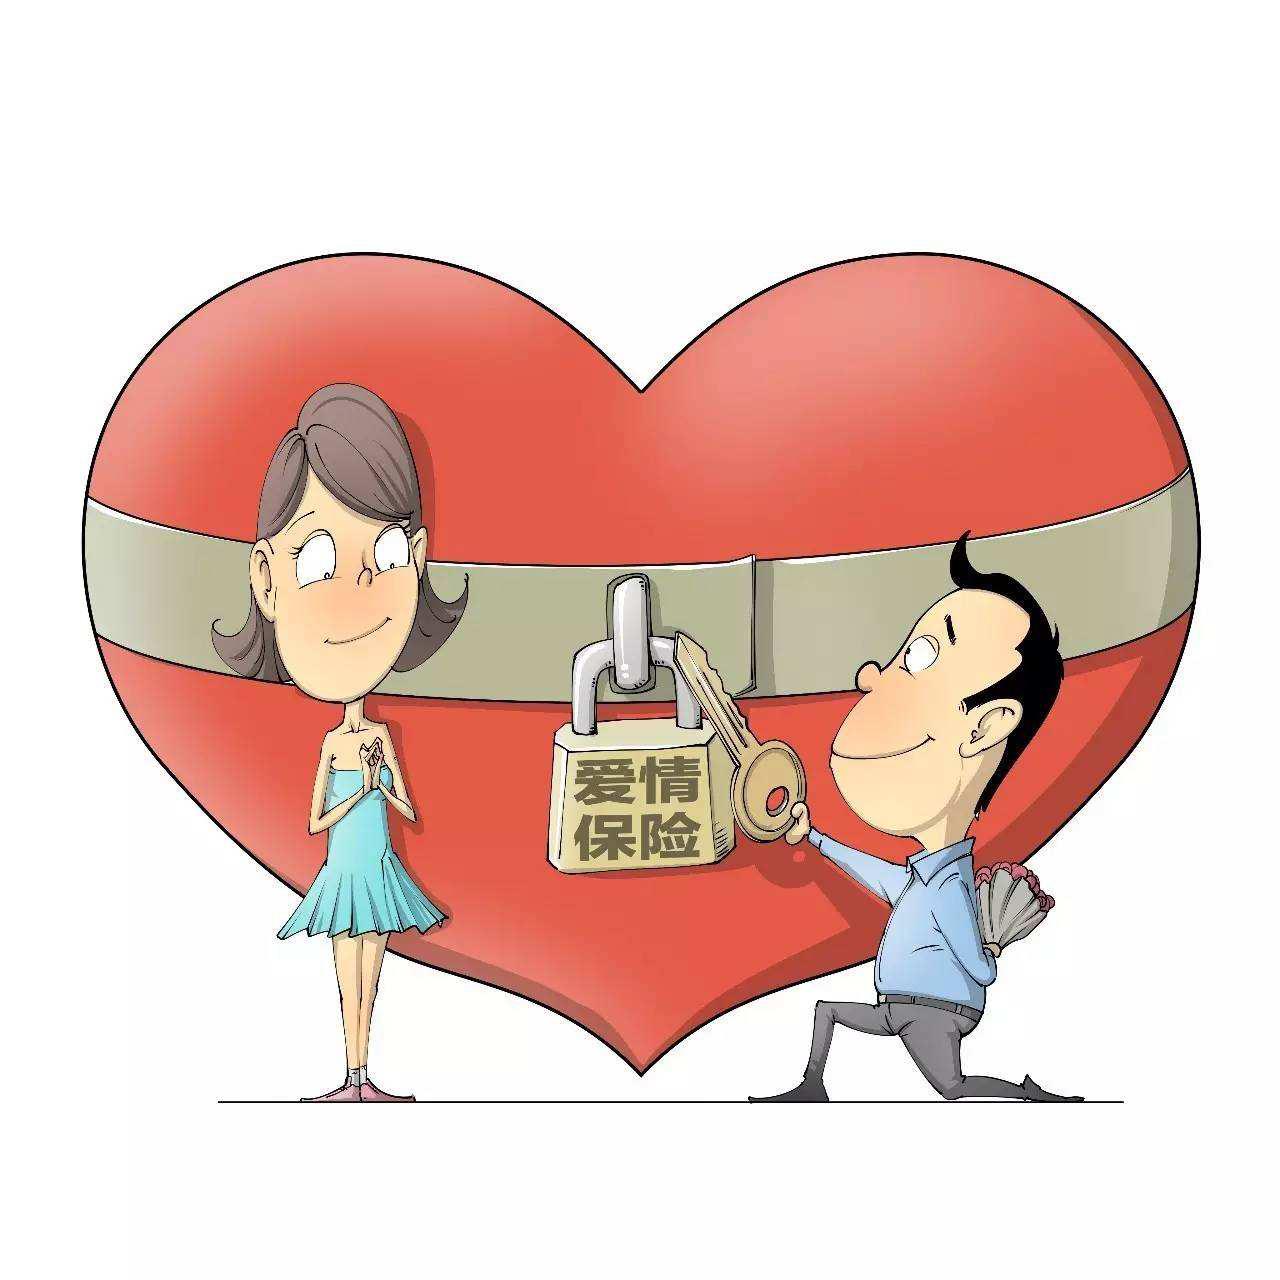 北京聚师网:399元为恋爱买保险靠谱吗?如何退费?-聚师网教育